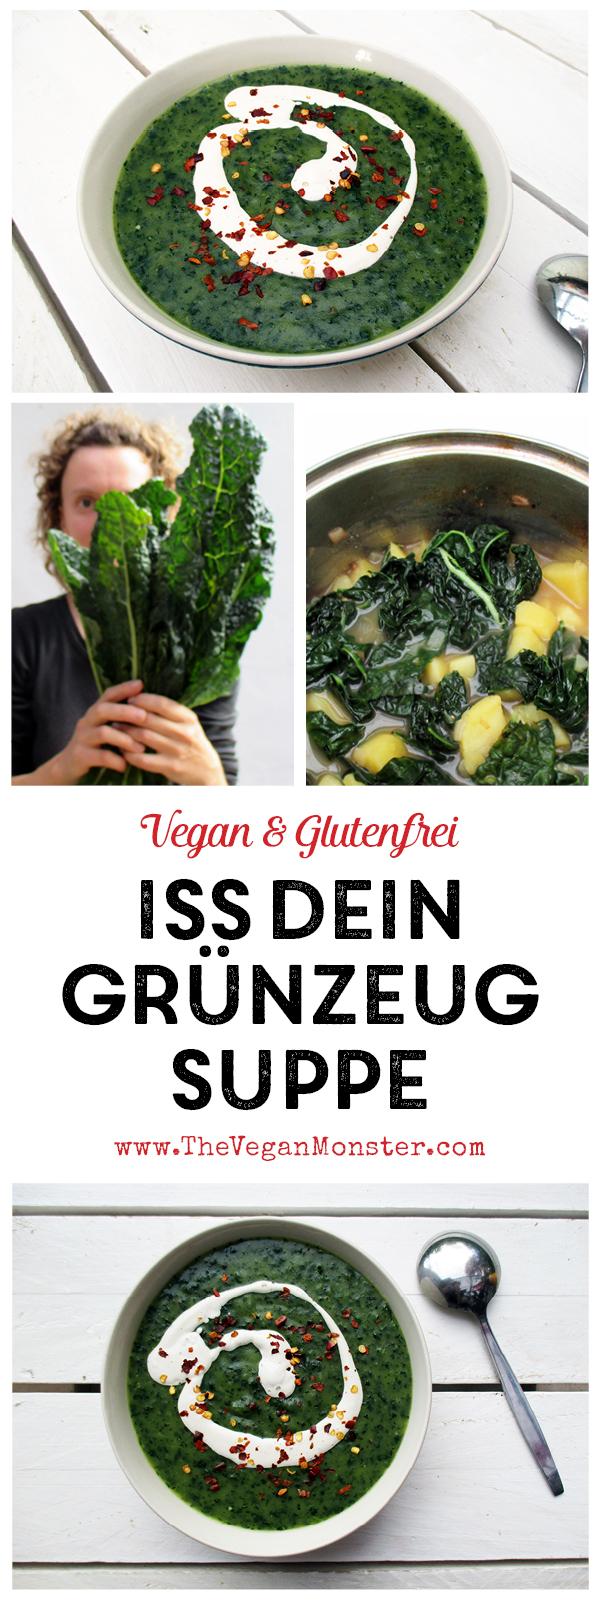 Vegane Iss Dein Gruenzeug Gruenkohl Kartoffel Suppe Rezept